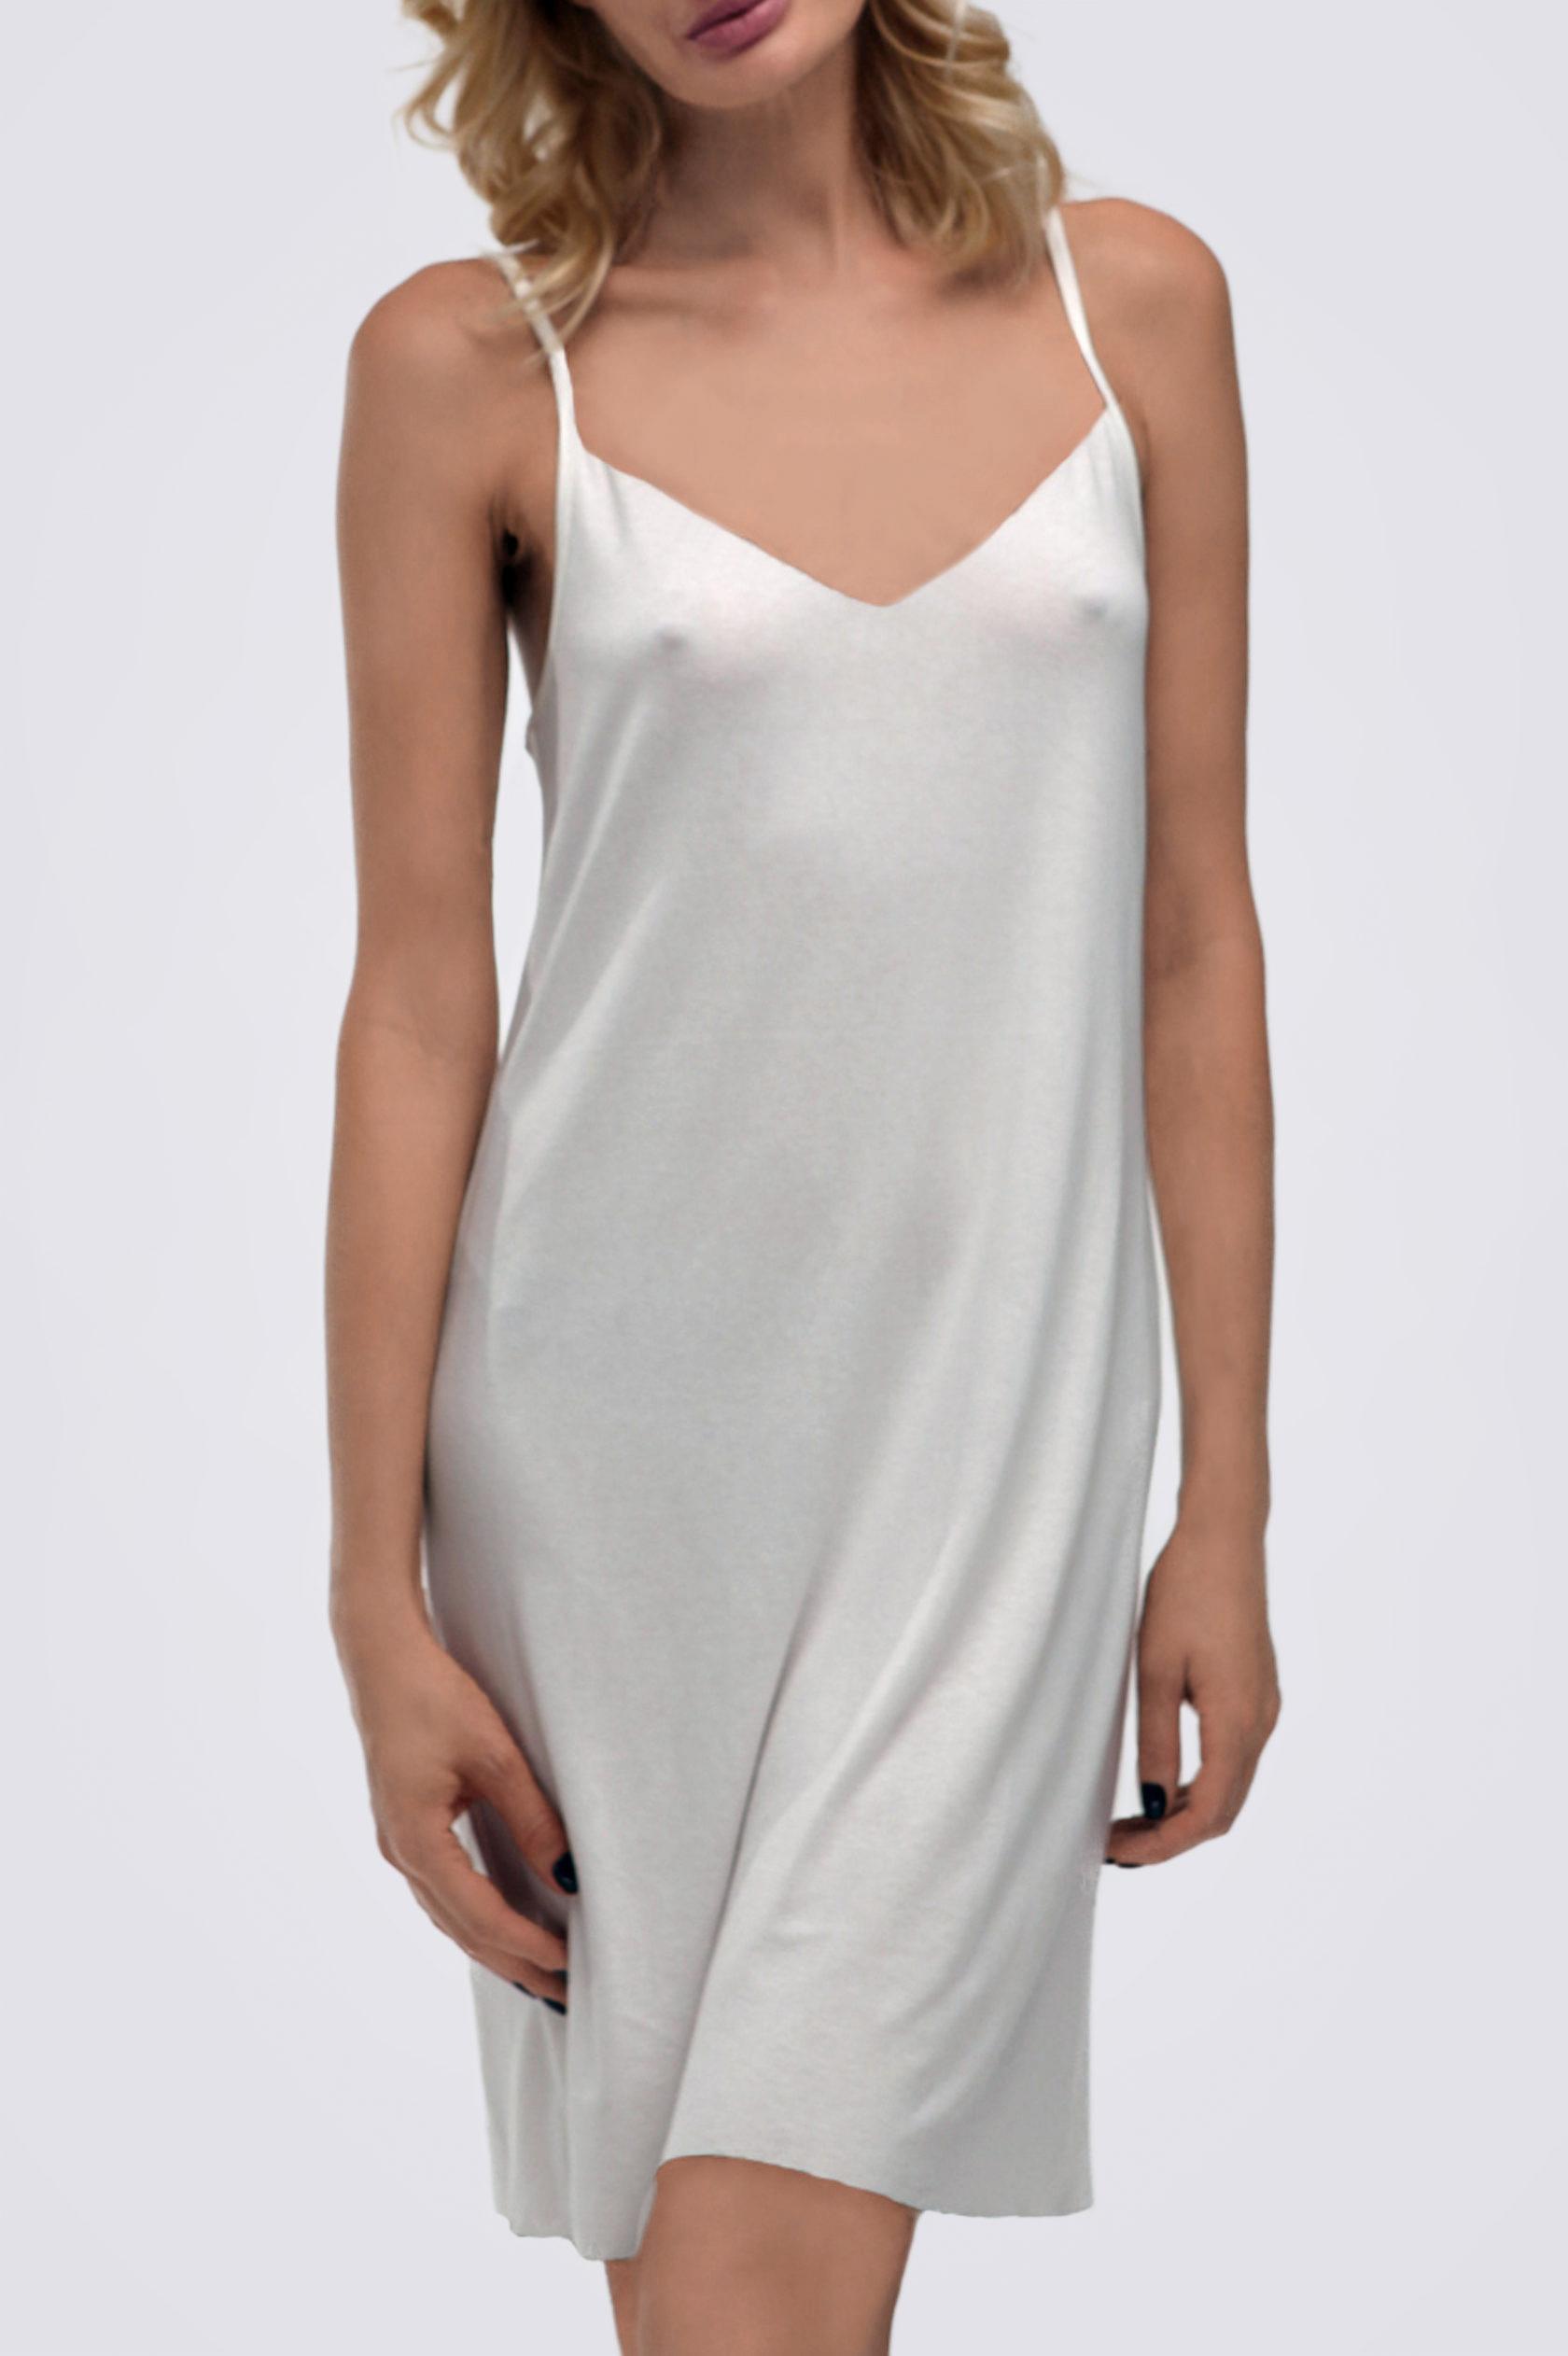 Платье комбинация ES.design  белое EGOStyle